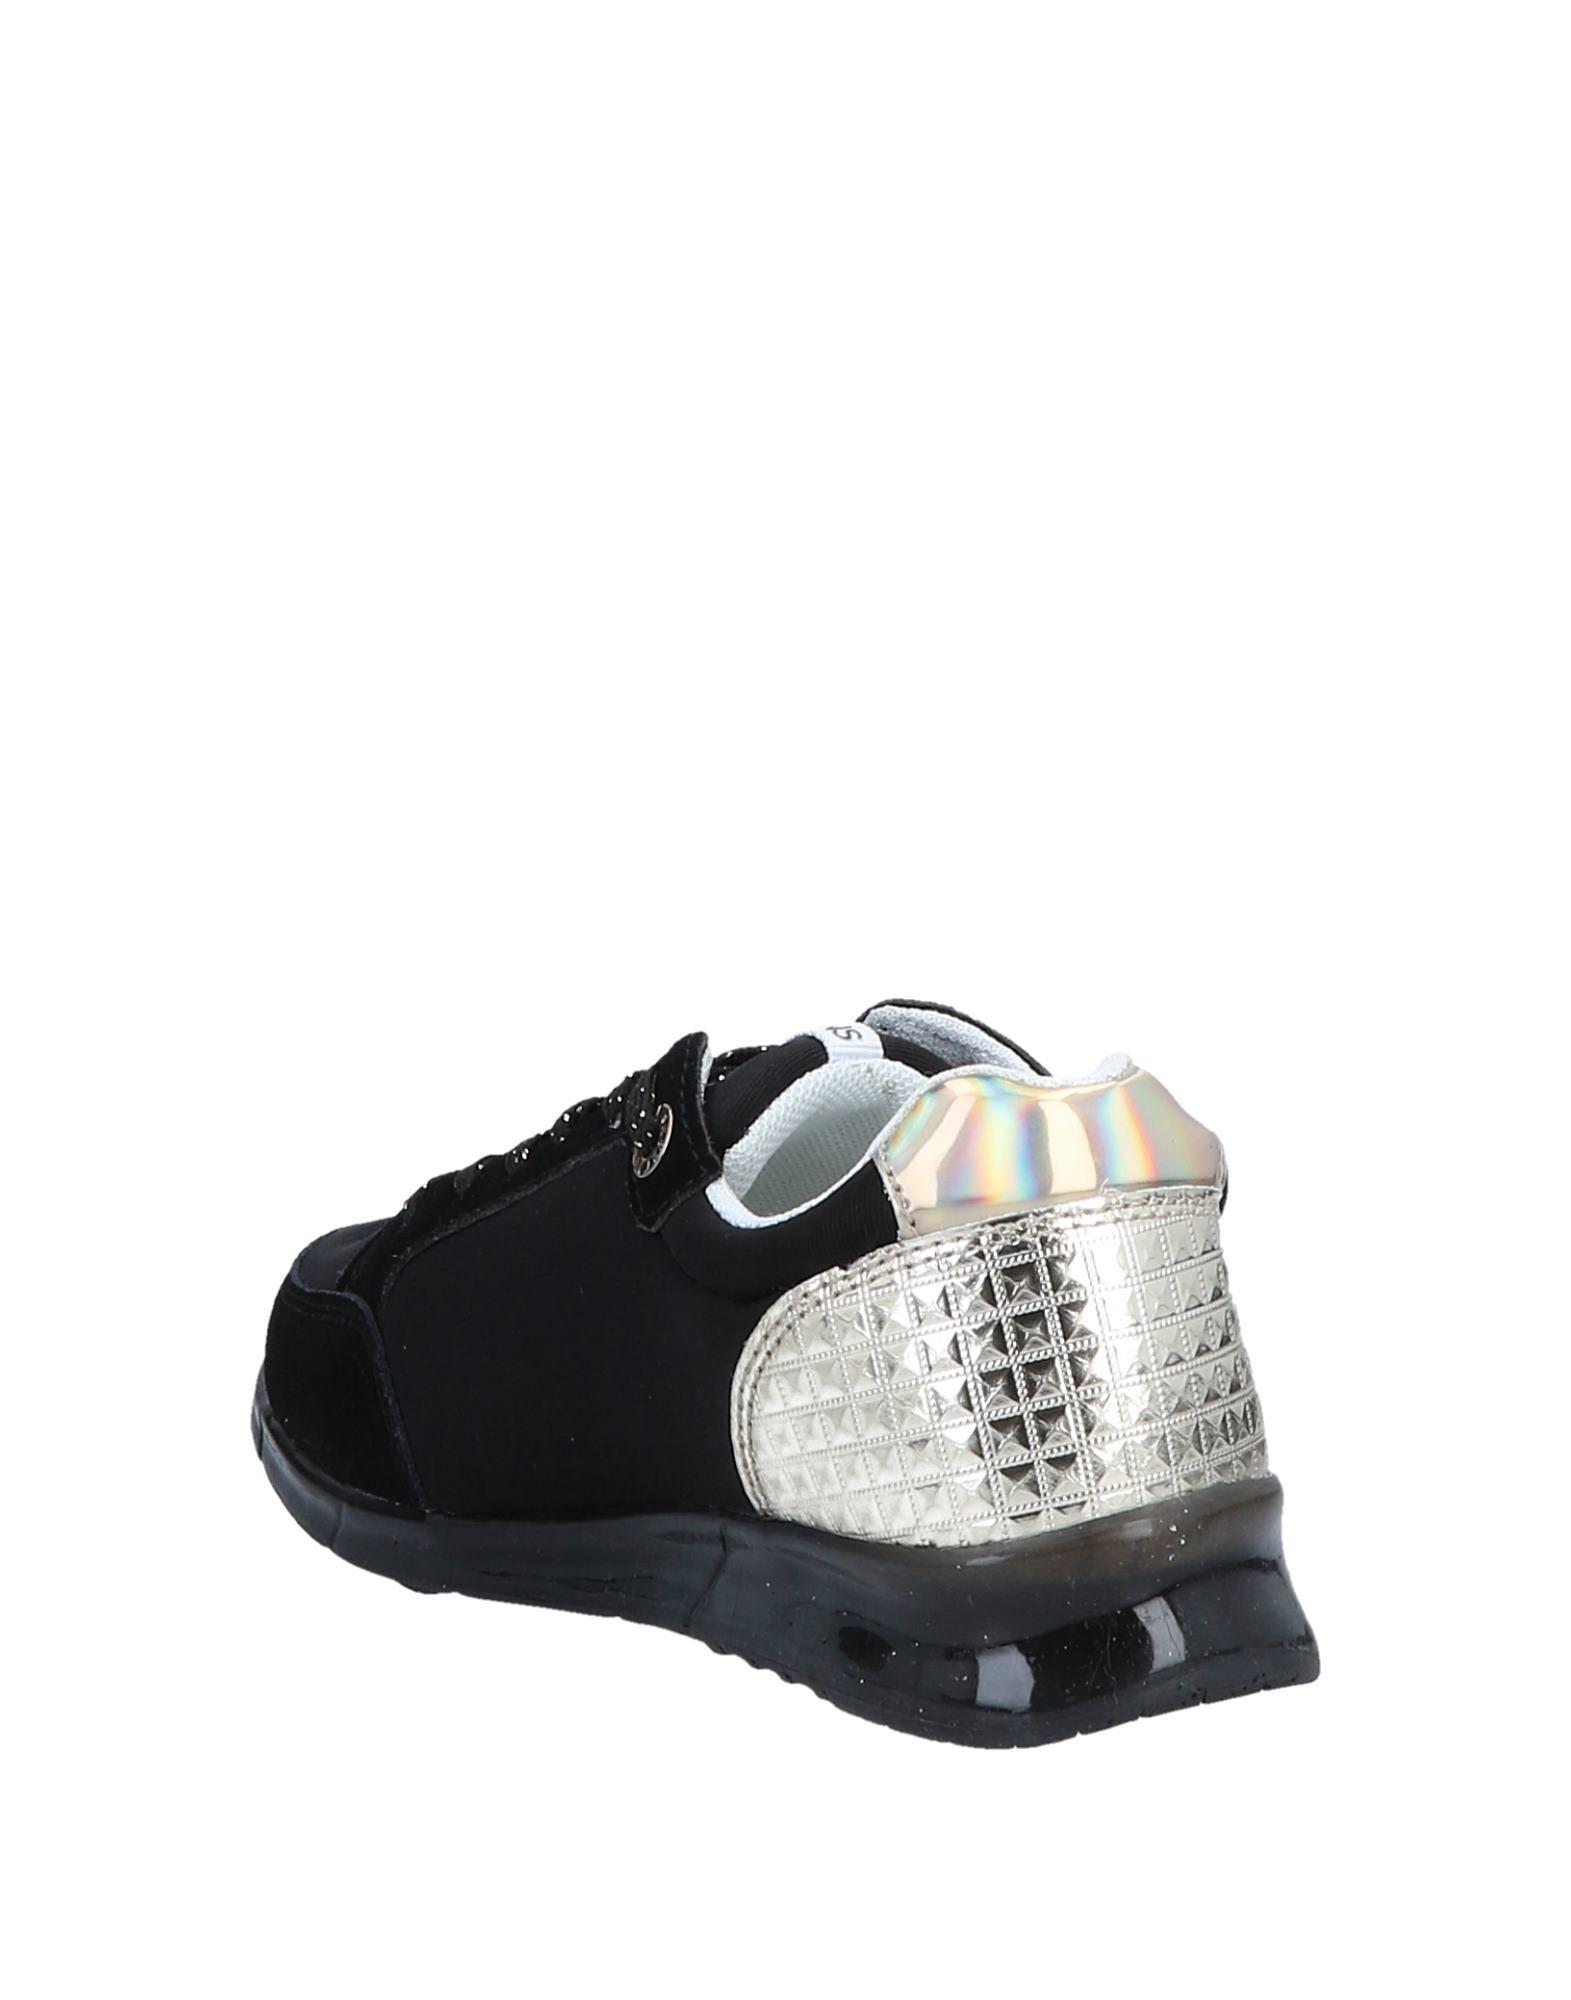 Versace Jeans Sneakers Damen  Schuhe 11563396RK Gute Qualität beliebte Schuhe  3413f7